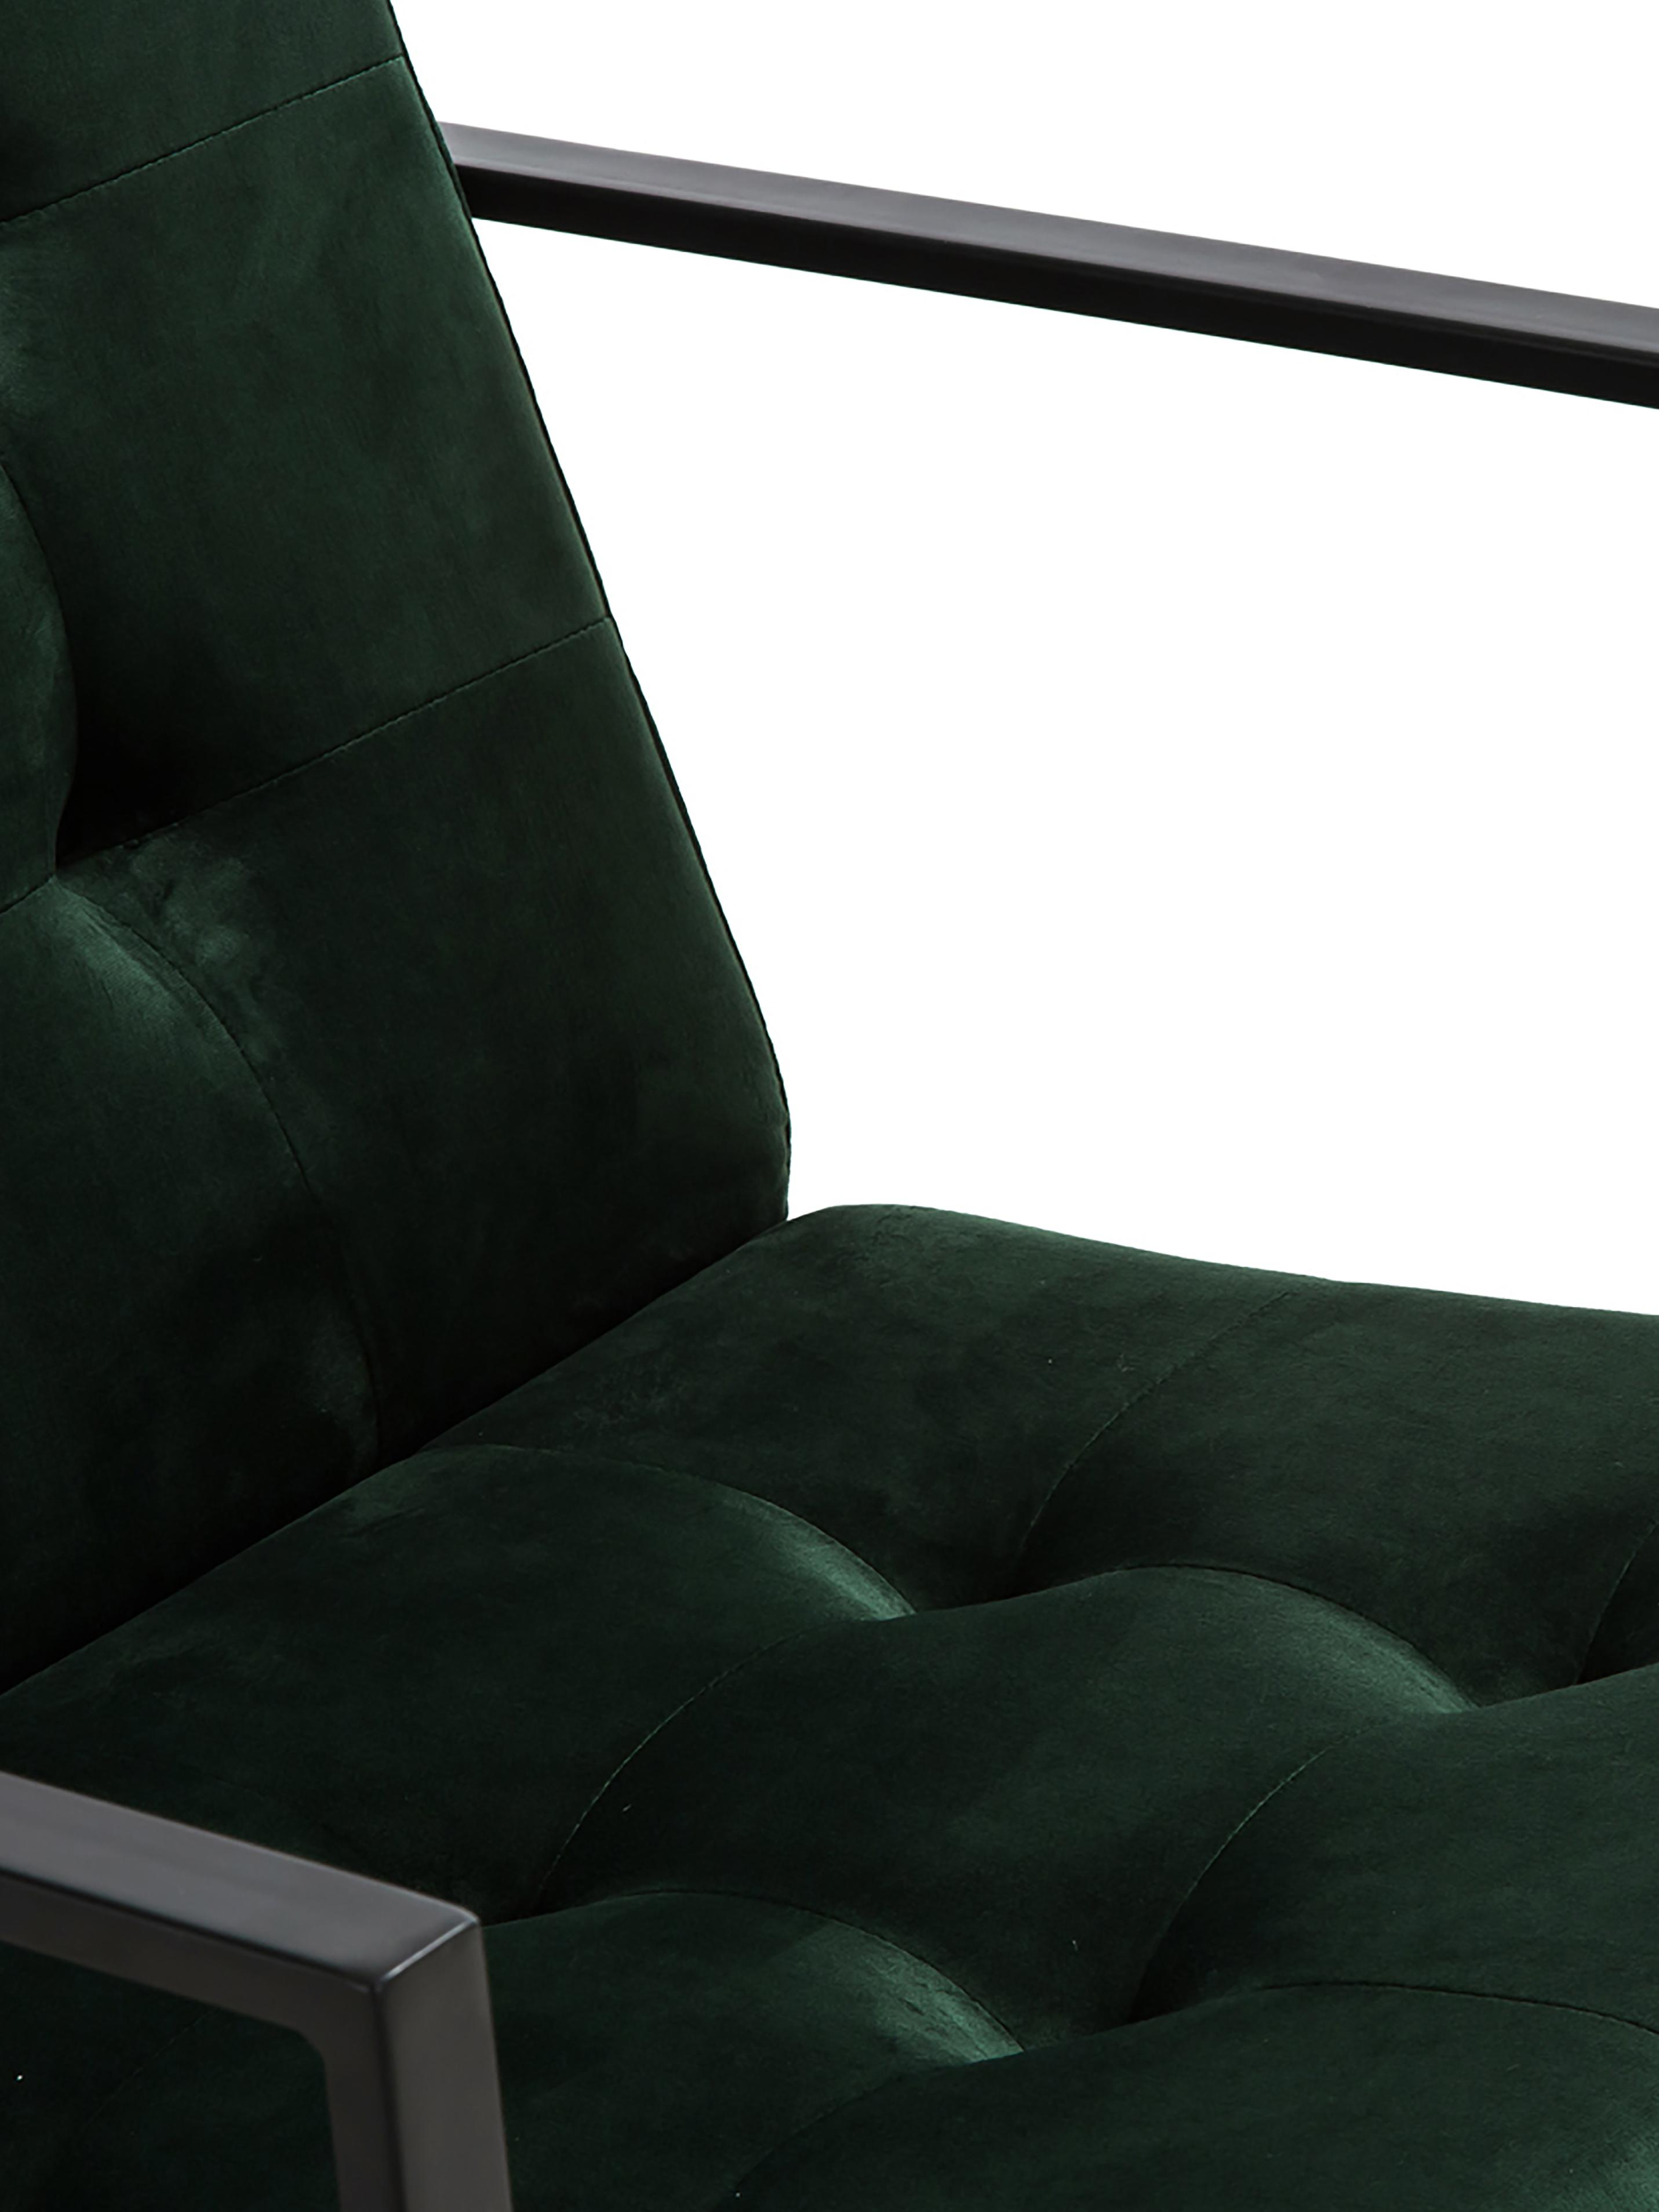 Samt-Loungesessel Manhattan in Dunkelgrün, Bezug: Samt (Polyester) 50.000 S, Gestell: Metall, pulverbeschichtet, Samt Dunkelgrün, B 70 x T 72 cm